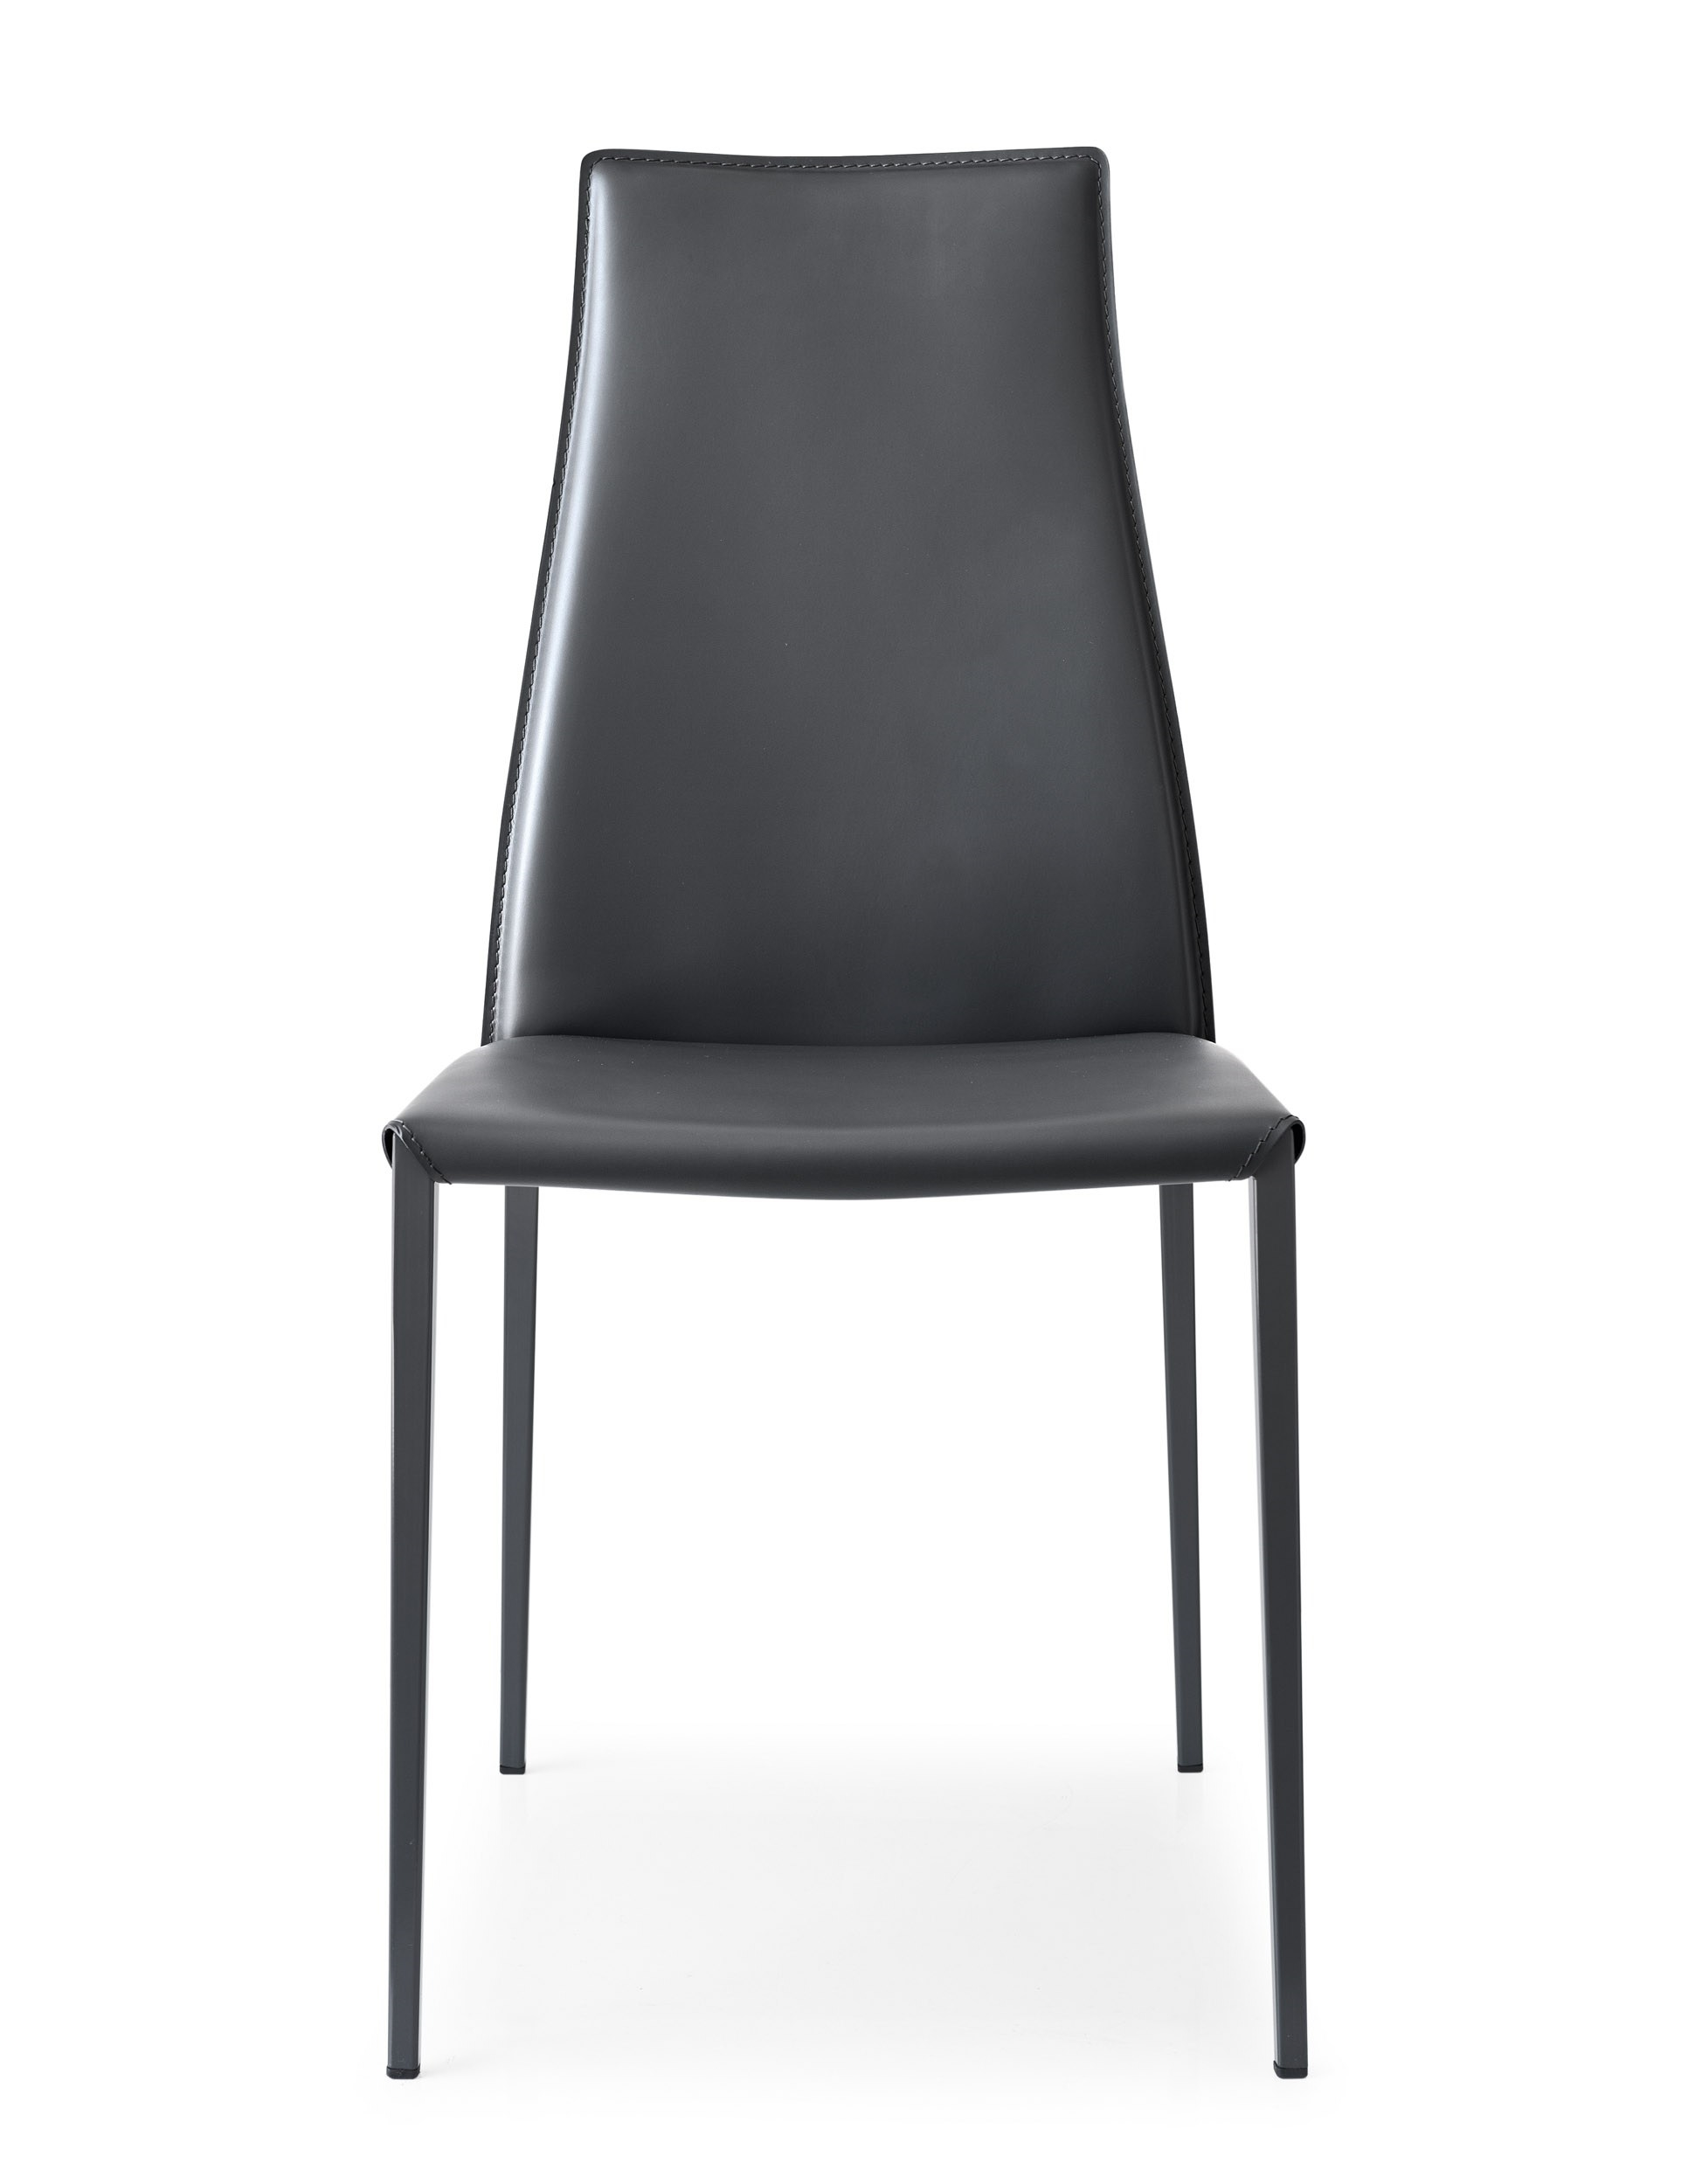 Sedia calligaris aida scontato del 35 sedie a prezzi for Sedie cuoio prezzi